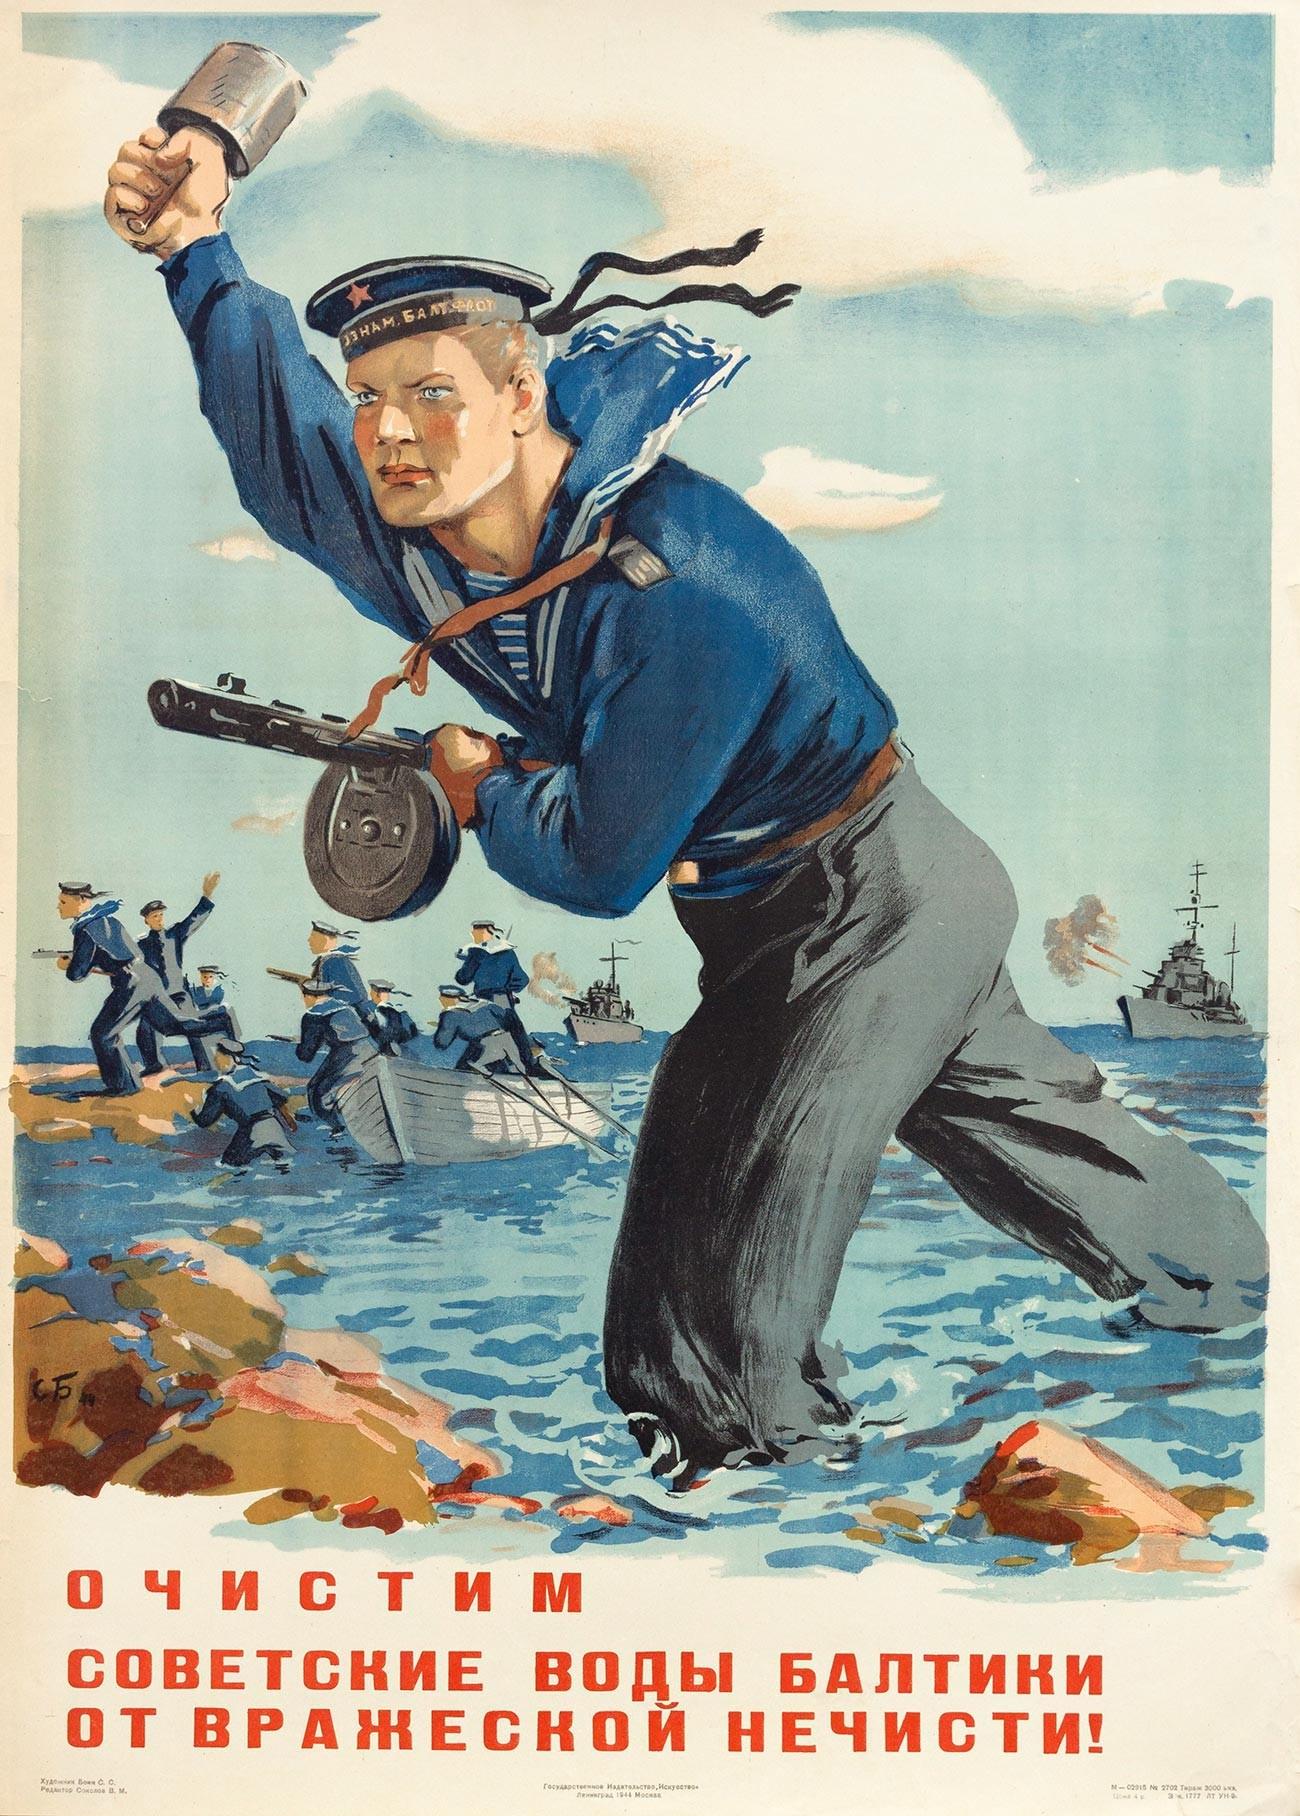 « Nous allons nettoyer les eaux soviétiques de la mer Baltique de l'écume ennemie ! »